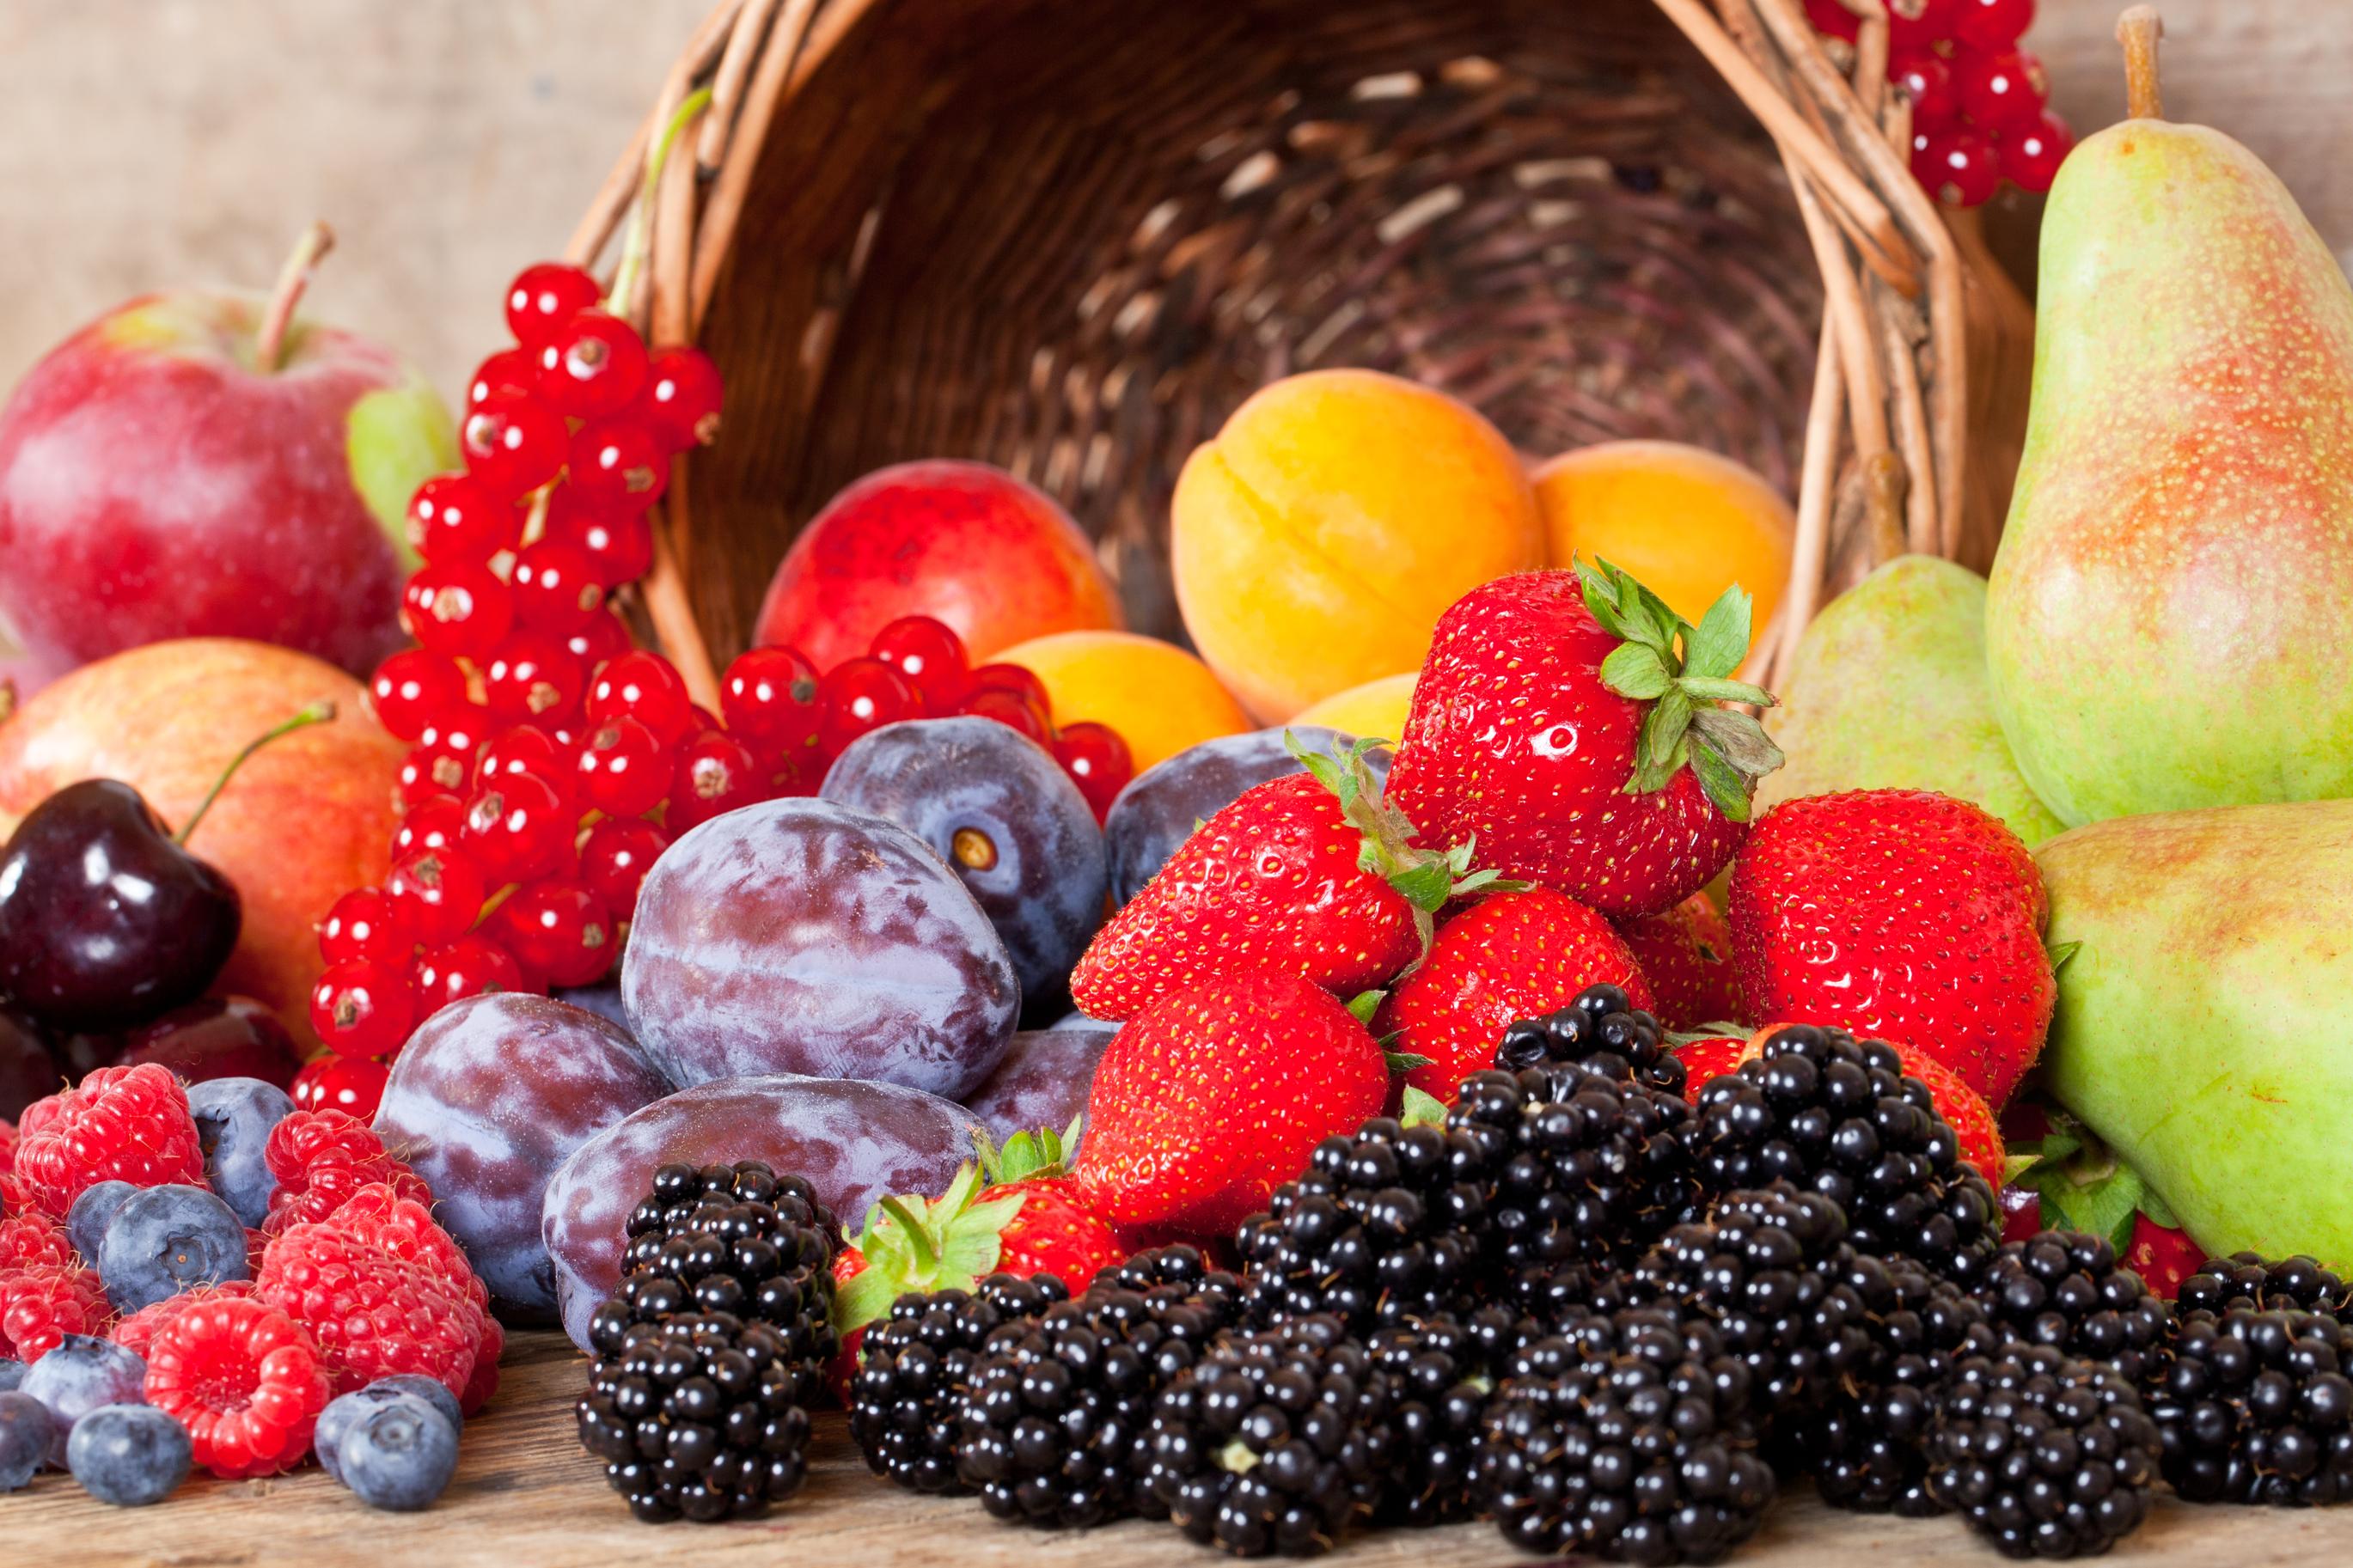 картинки фрукты и ягоды и леди